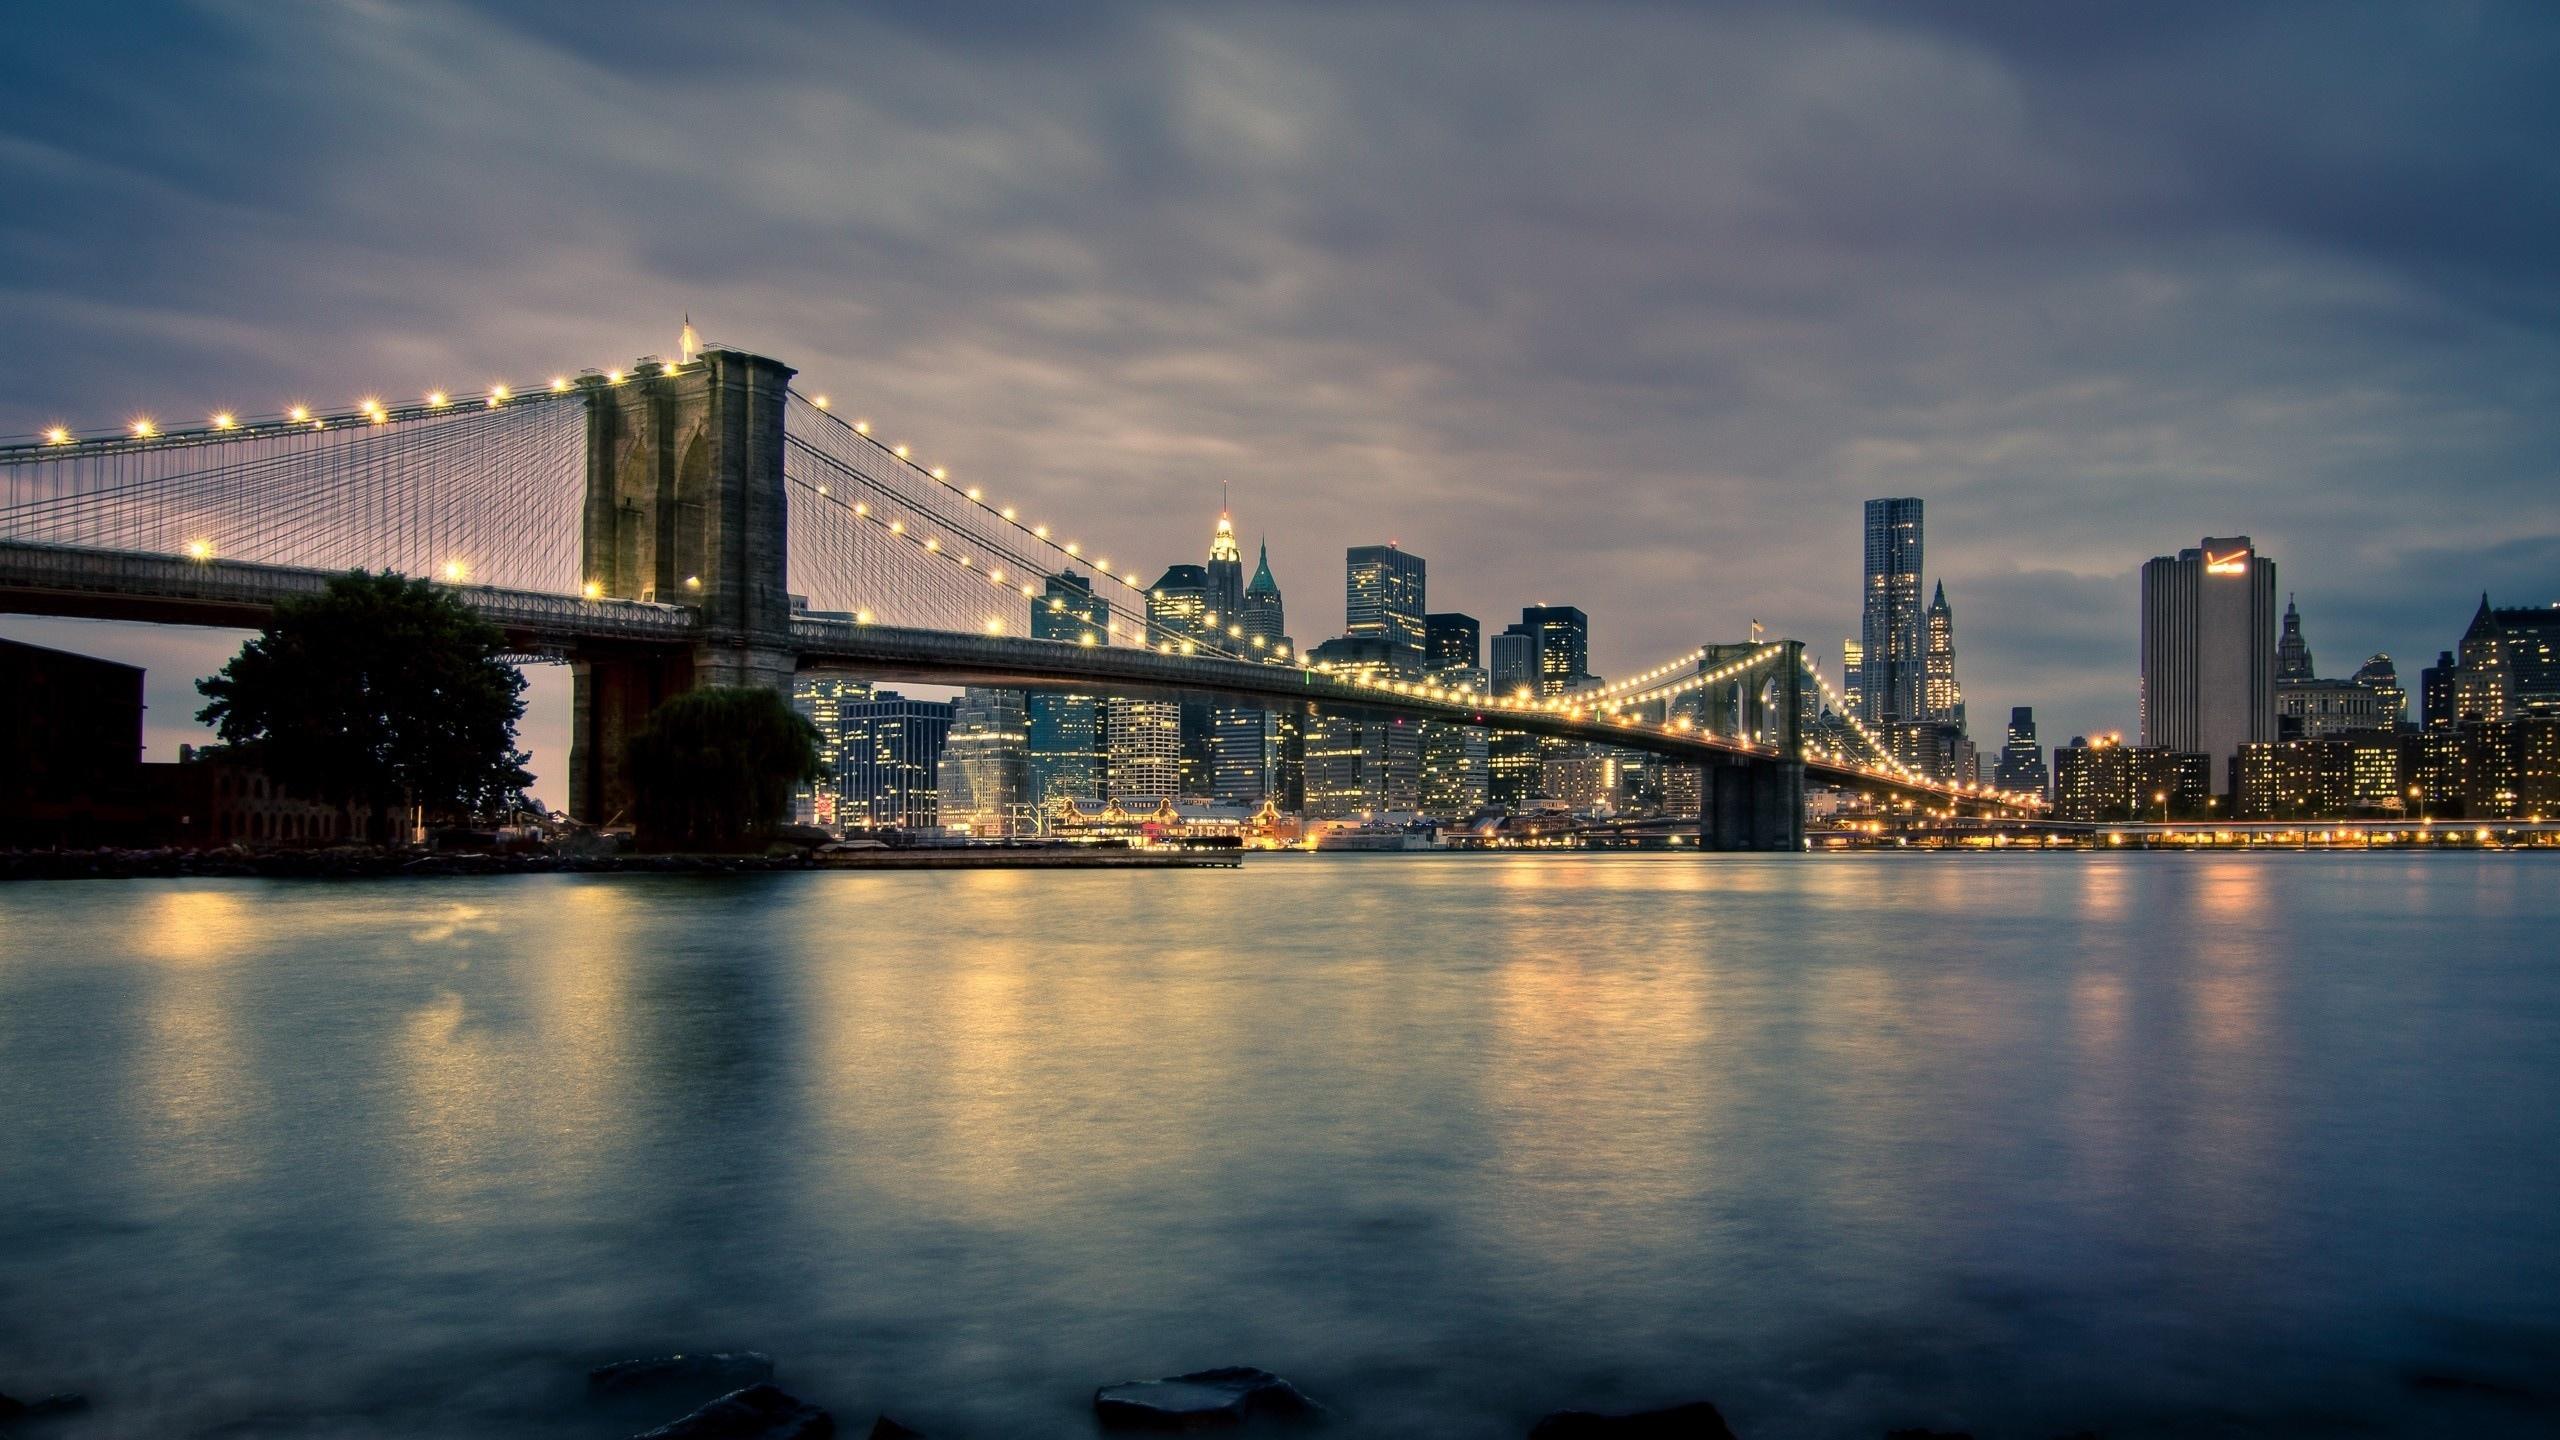 Brooklyn Bridge Wallpaper 2560x1440 71637